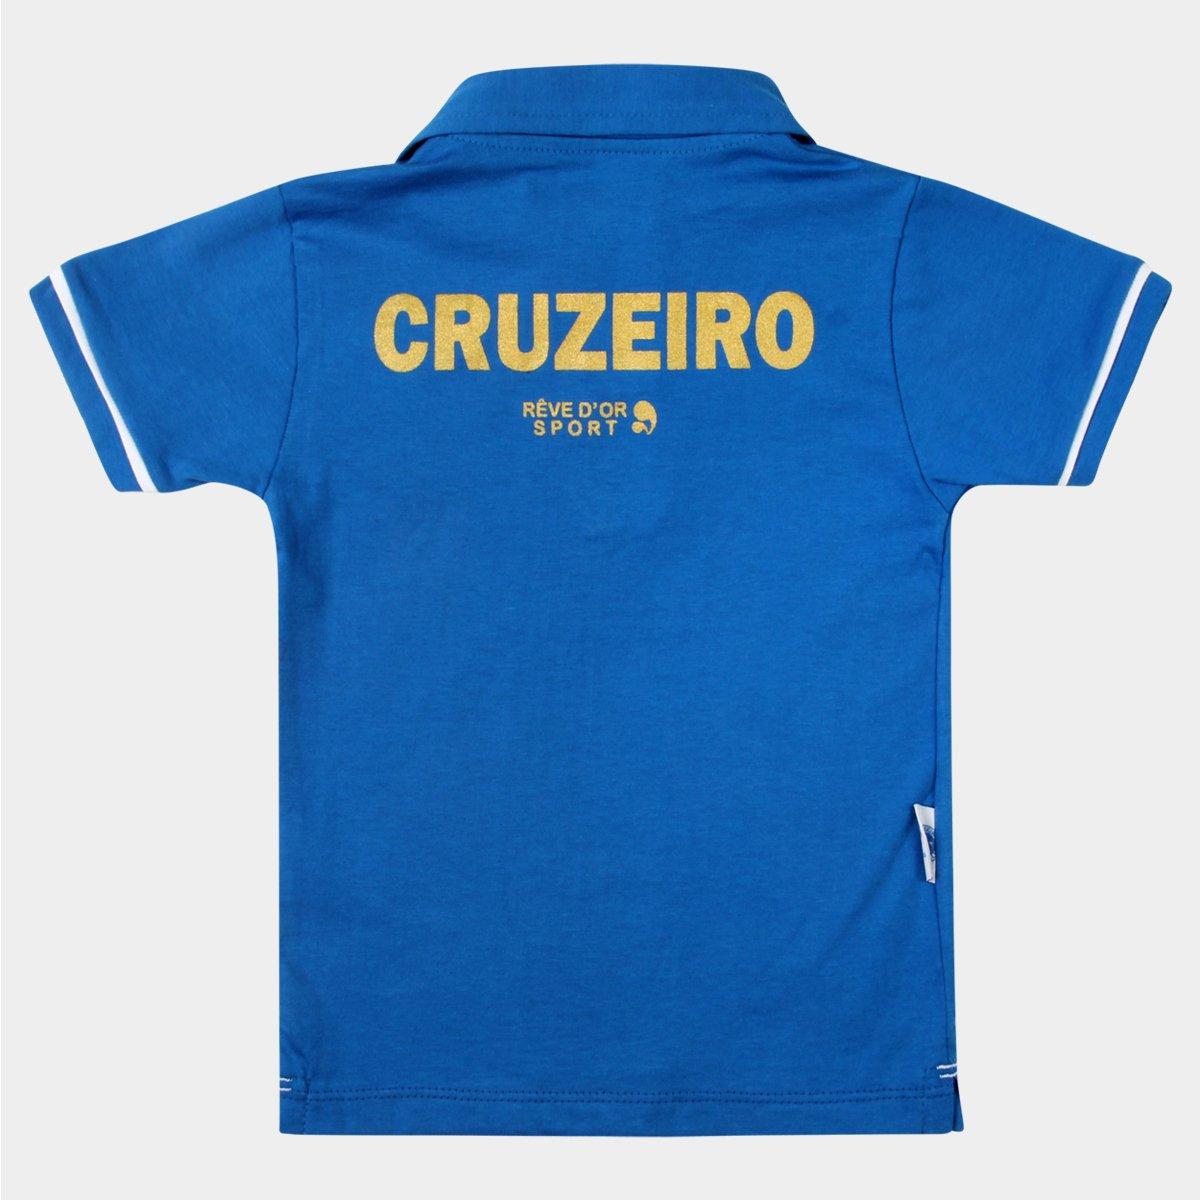 Camisa Polo Cruzeiro Infantil - Azul e Branco - Compre Agora  2667e26e7c656